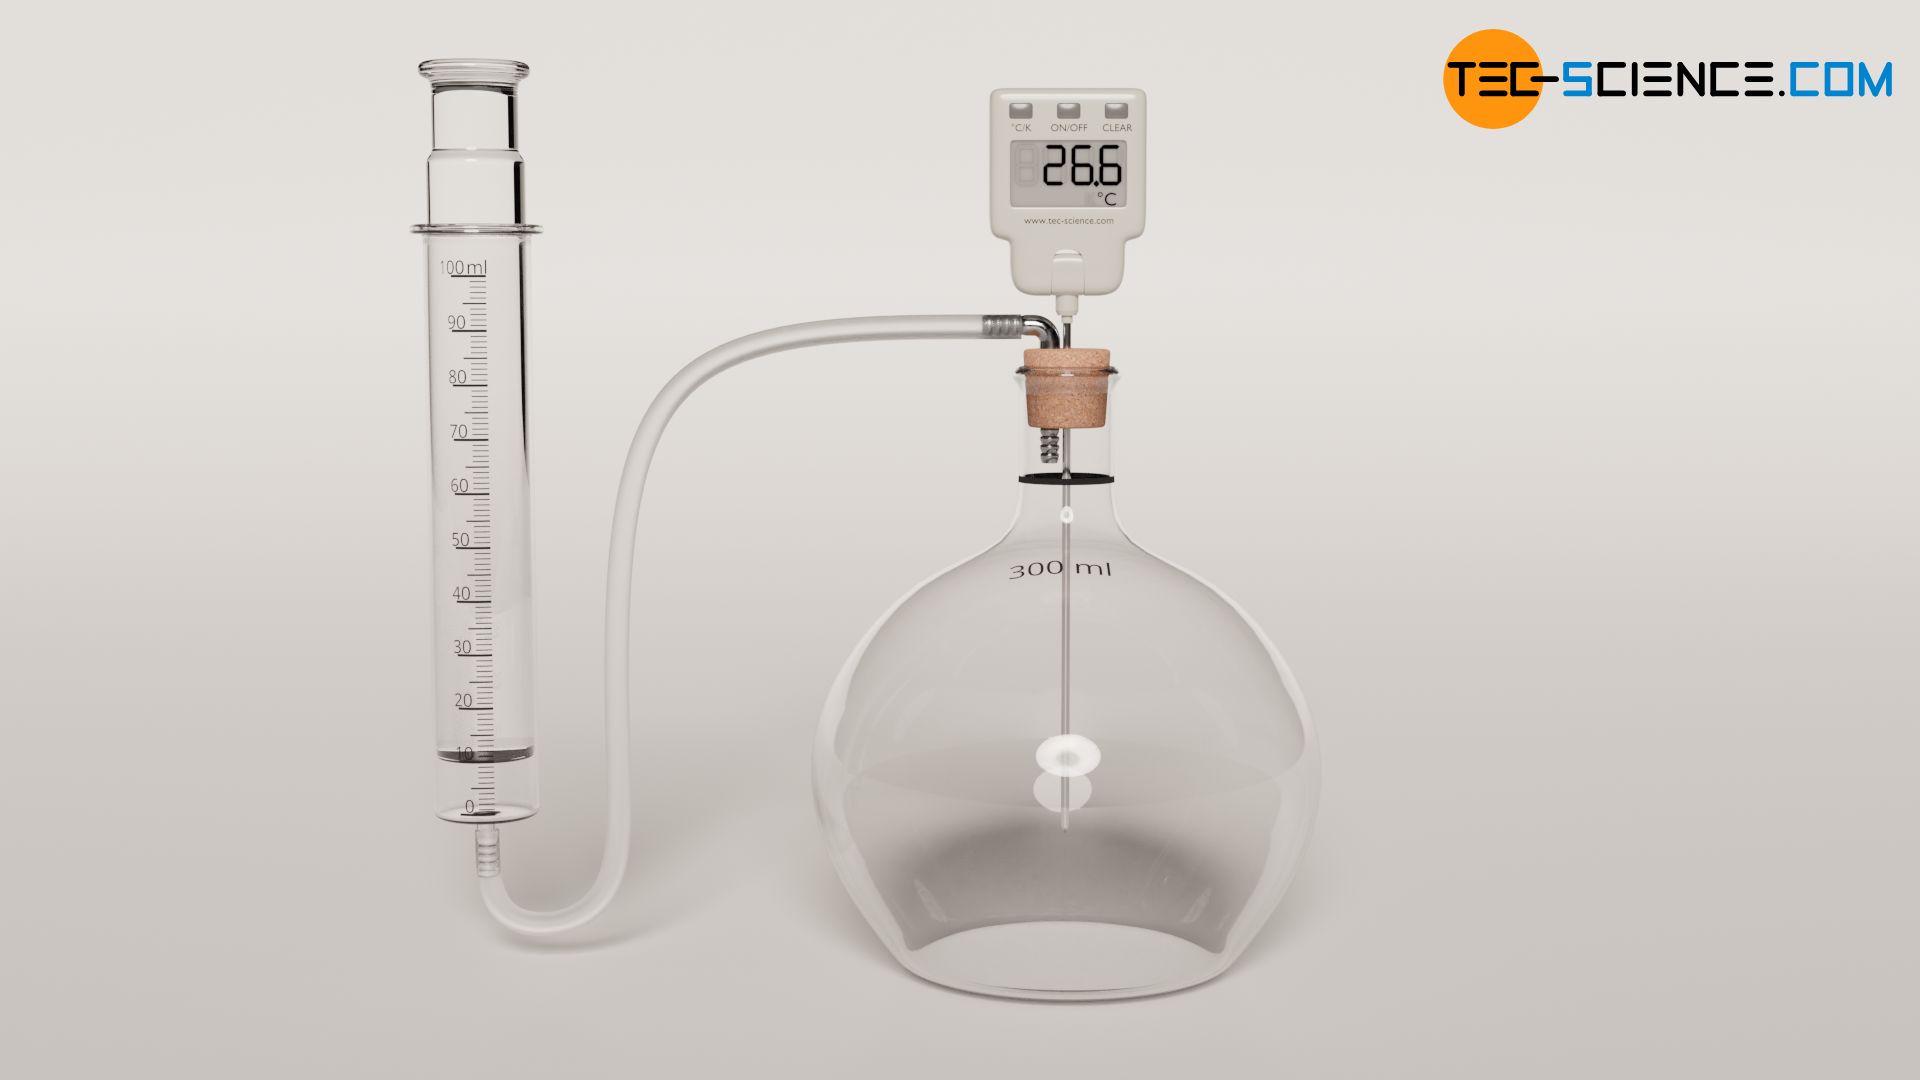 Experiment zur Untersuchung des Zusammenhangs zwischen Temperatur und Volumen bei konstantem Druck